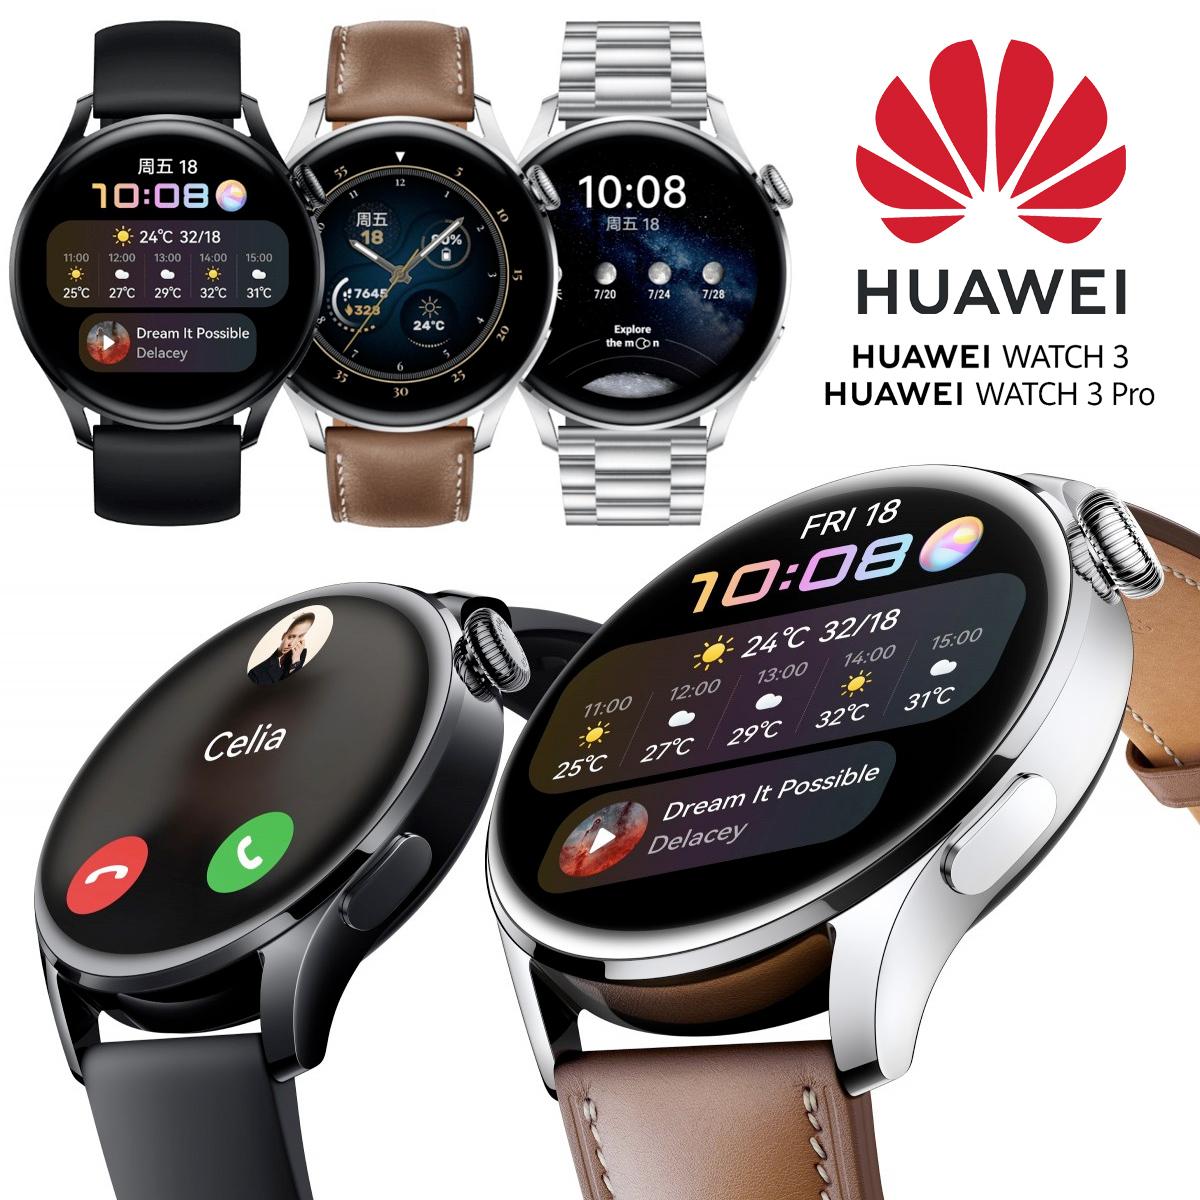 Relogios Smartwatch Huawei Watch 3 e Pro